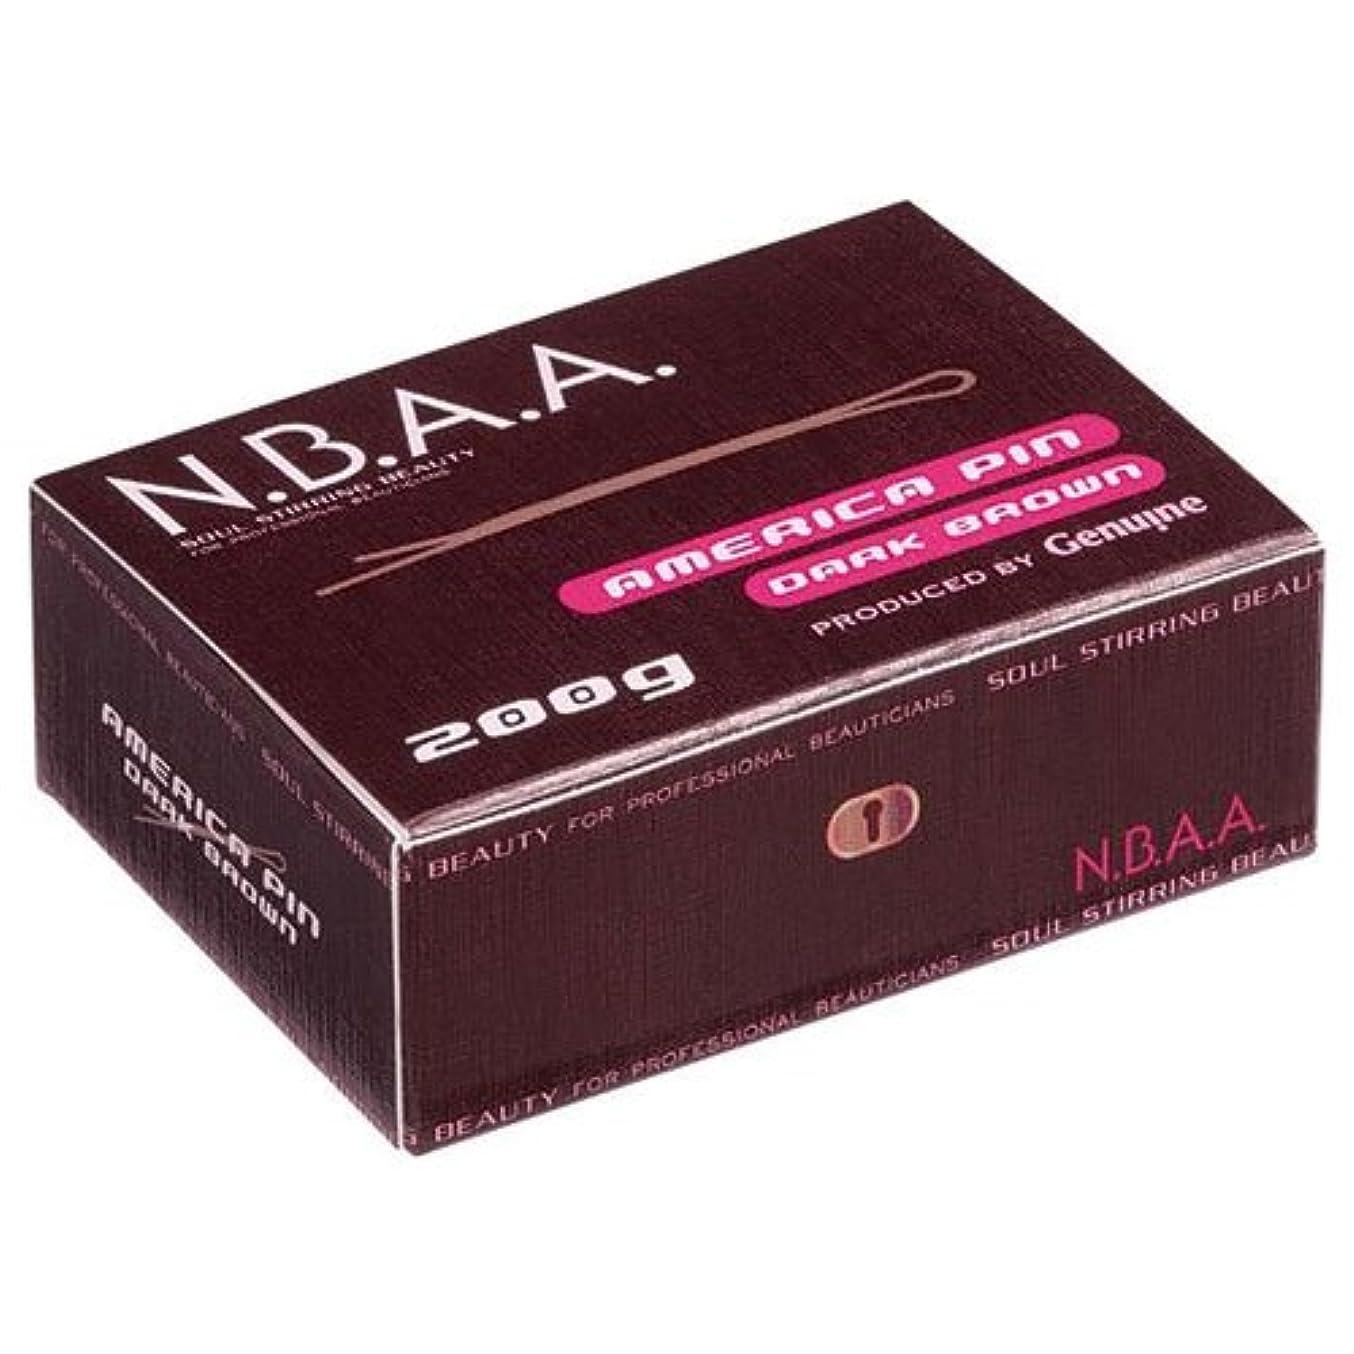 バッテリー全体全体NB-P01 NBAA.アメリカピン 200g